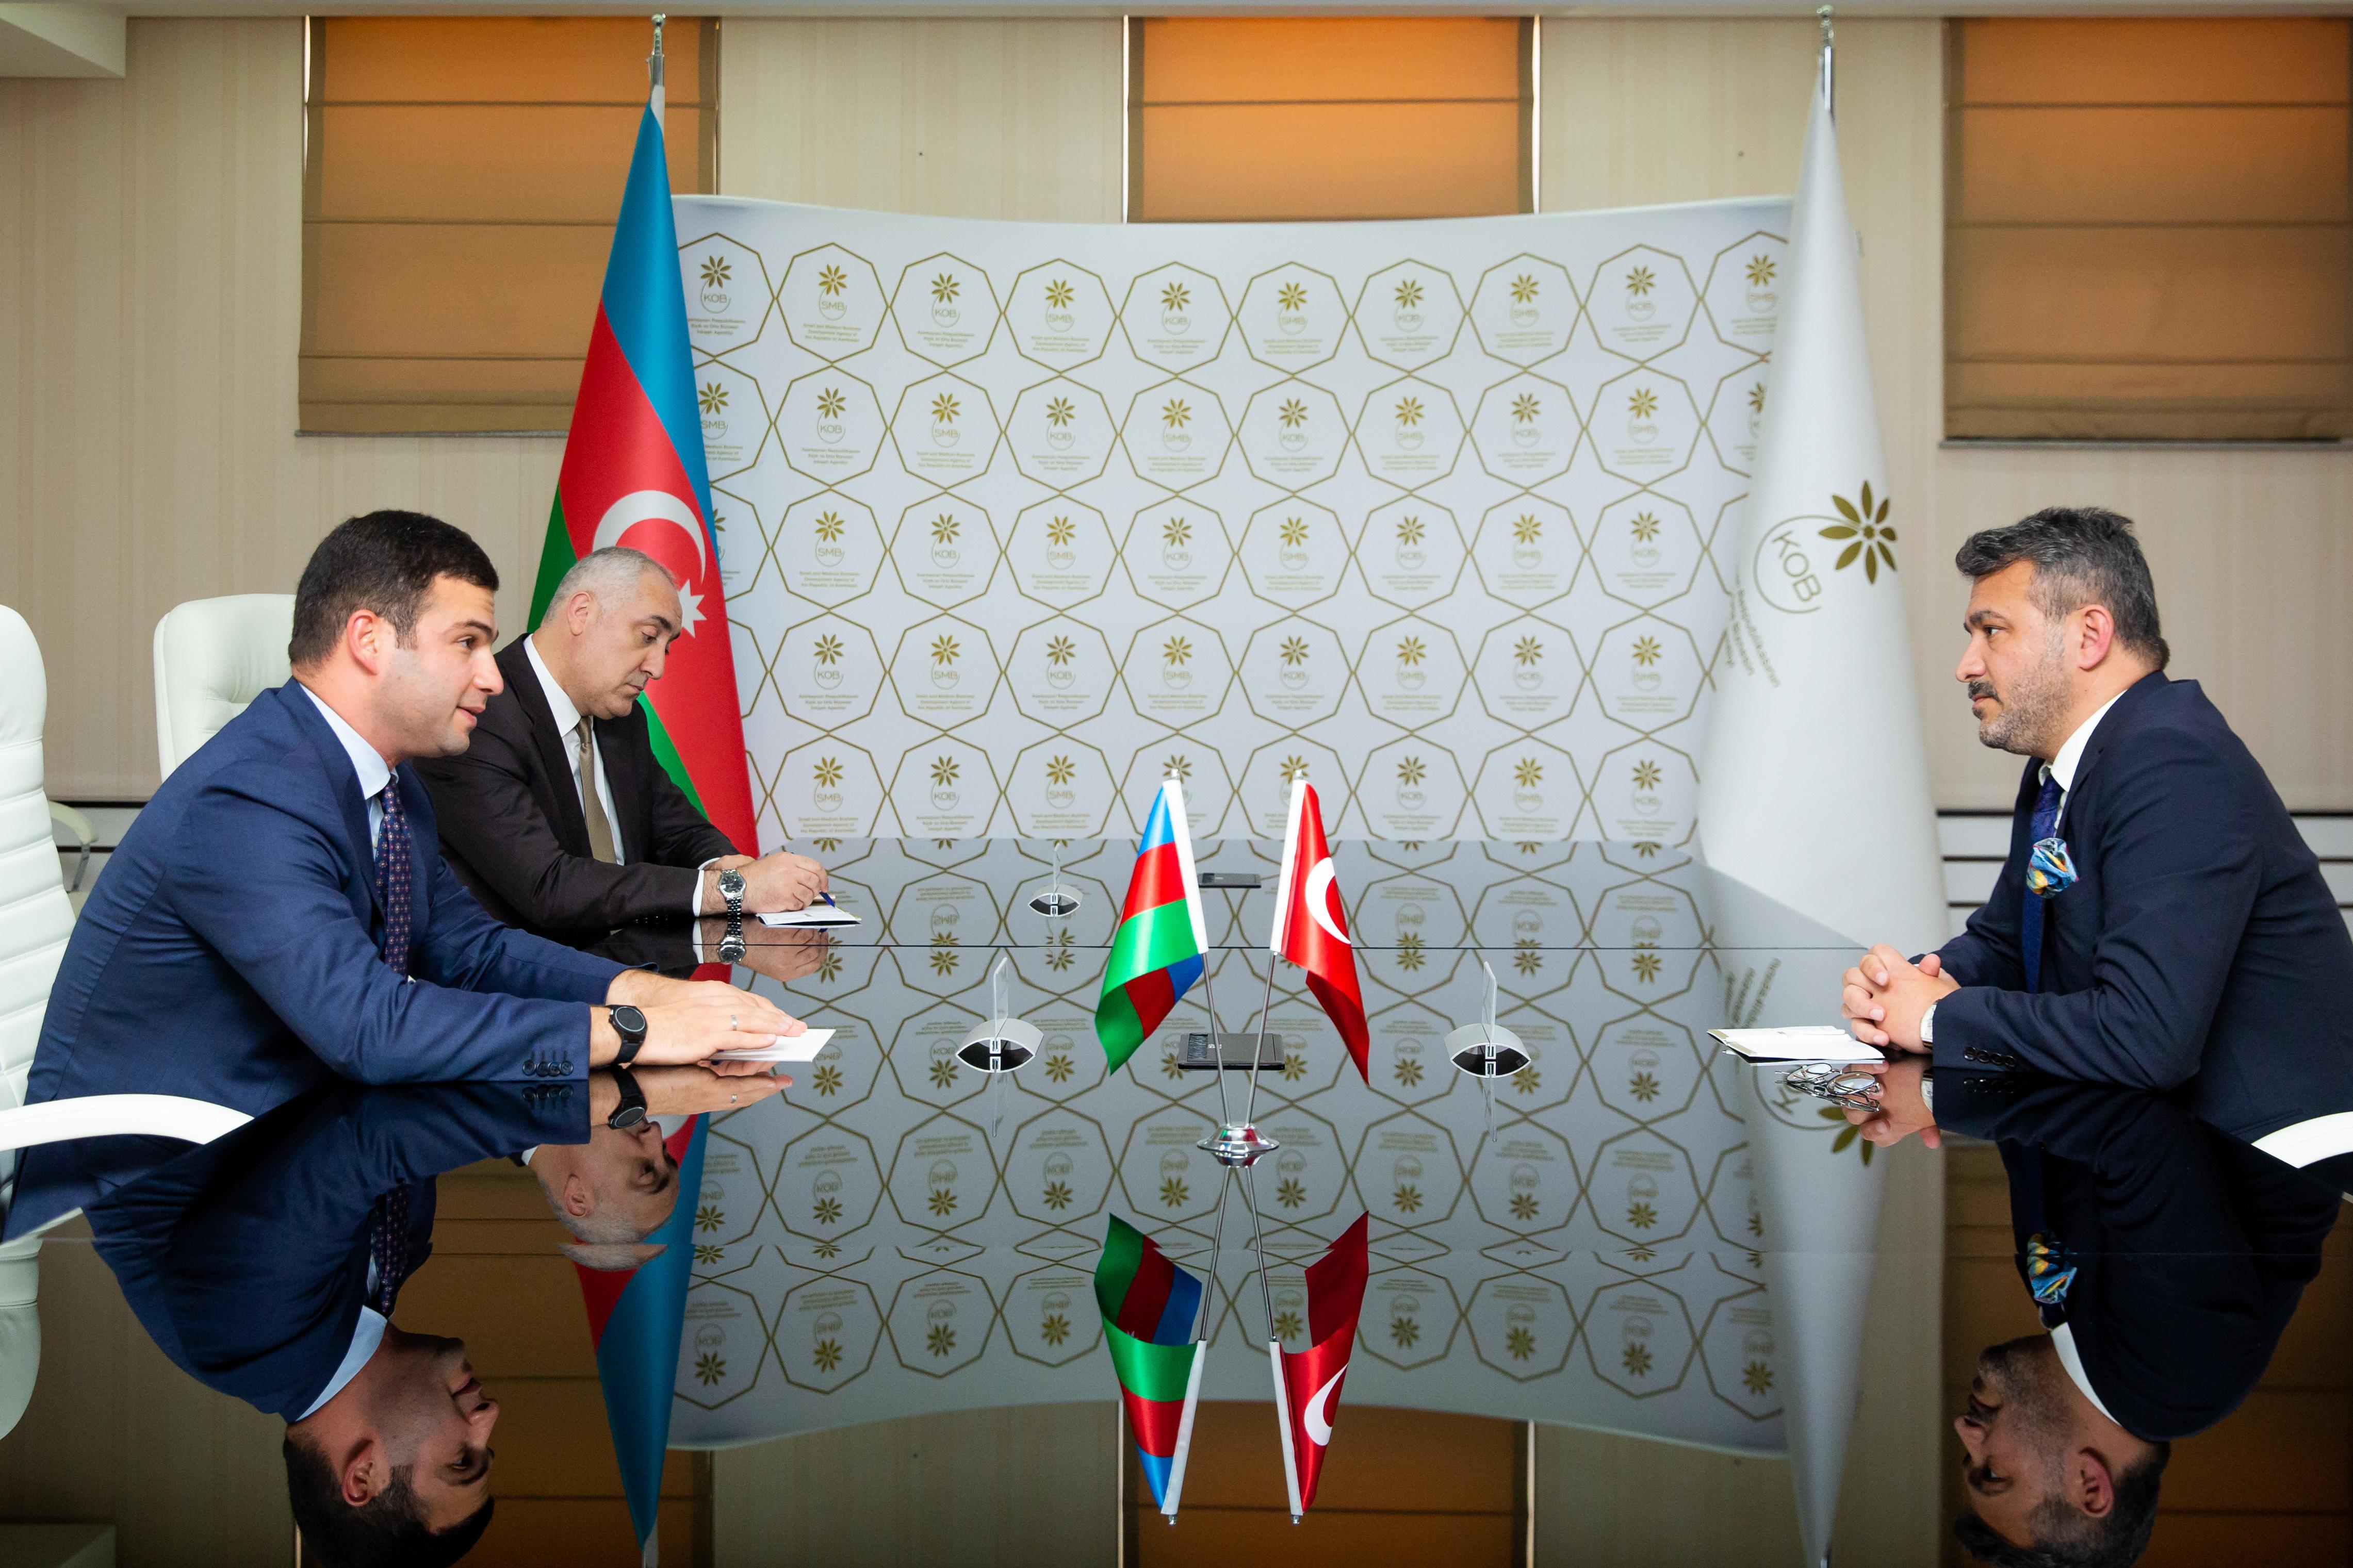 Состоялся обмен мнениями о применении модели ГЧП в Азербайджане